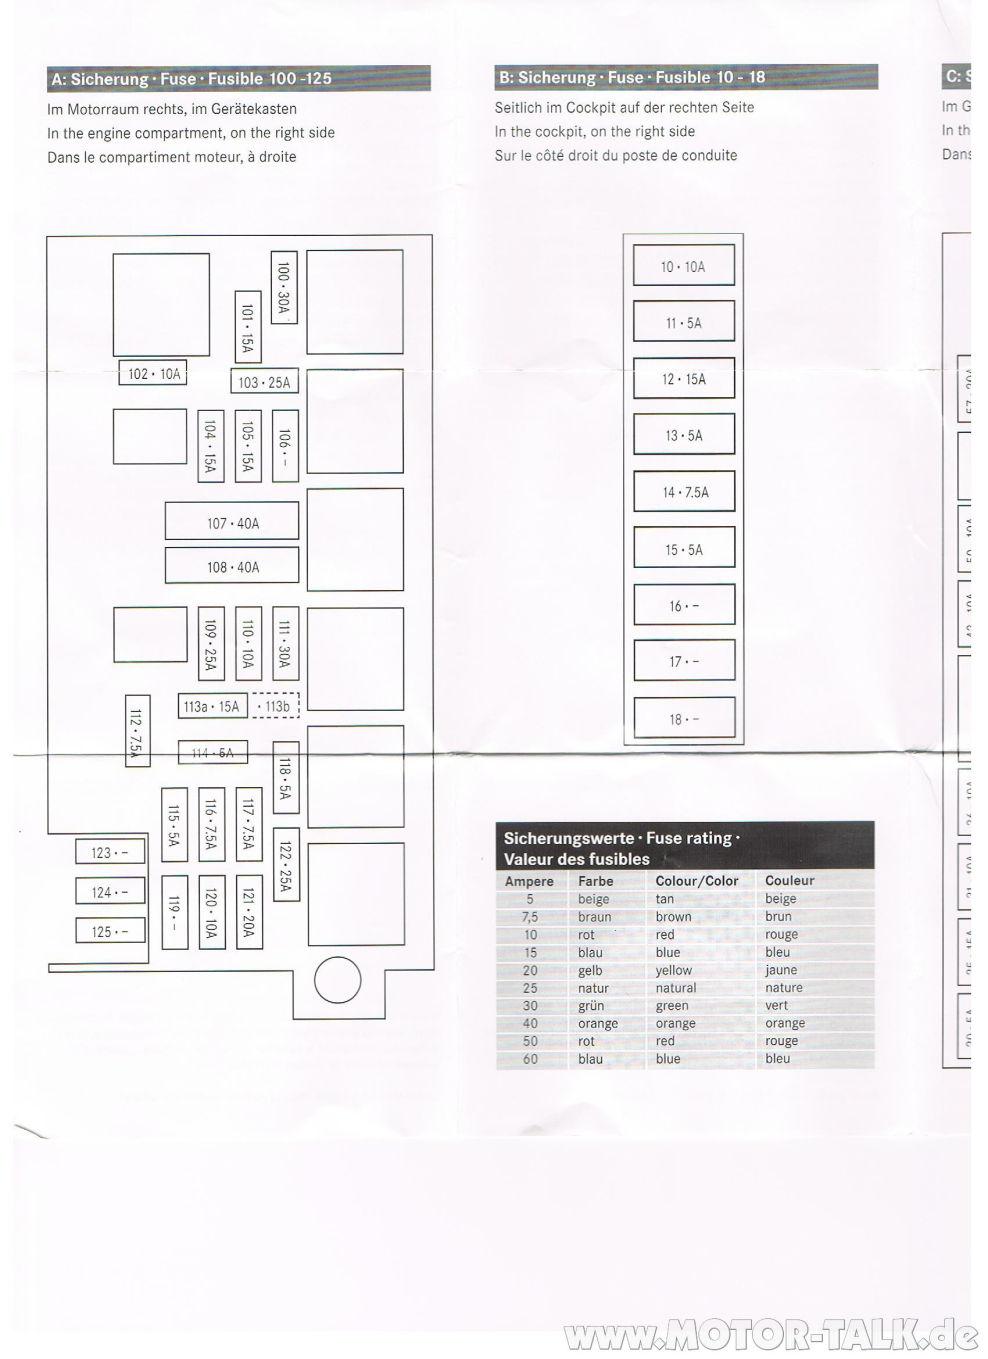 medium resolution of mercedes gl450 fuse chart nemetas aufgegabelt info belegungsplan 2 elektrische sitzverstellung defekt 2014 gl450 fuse chart